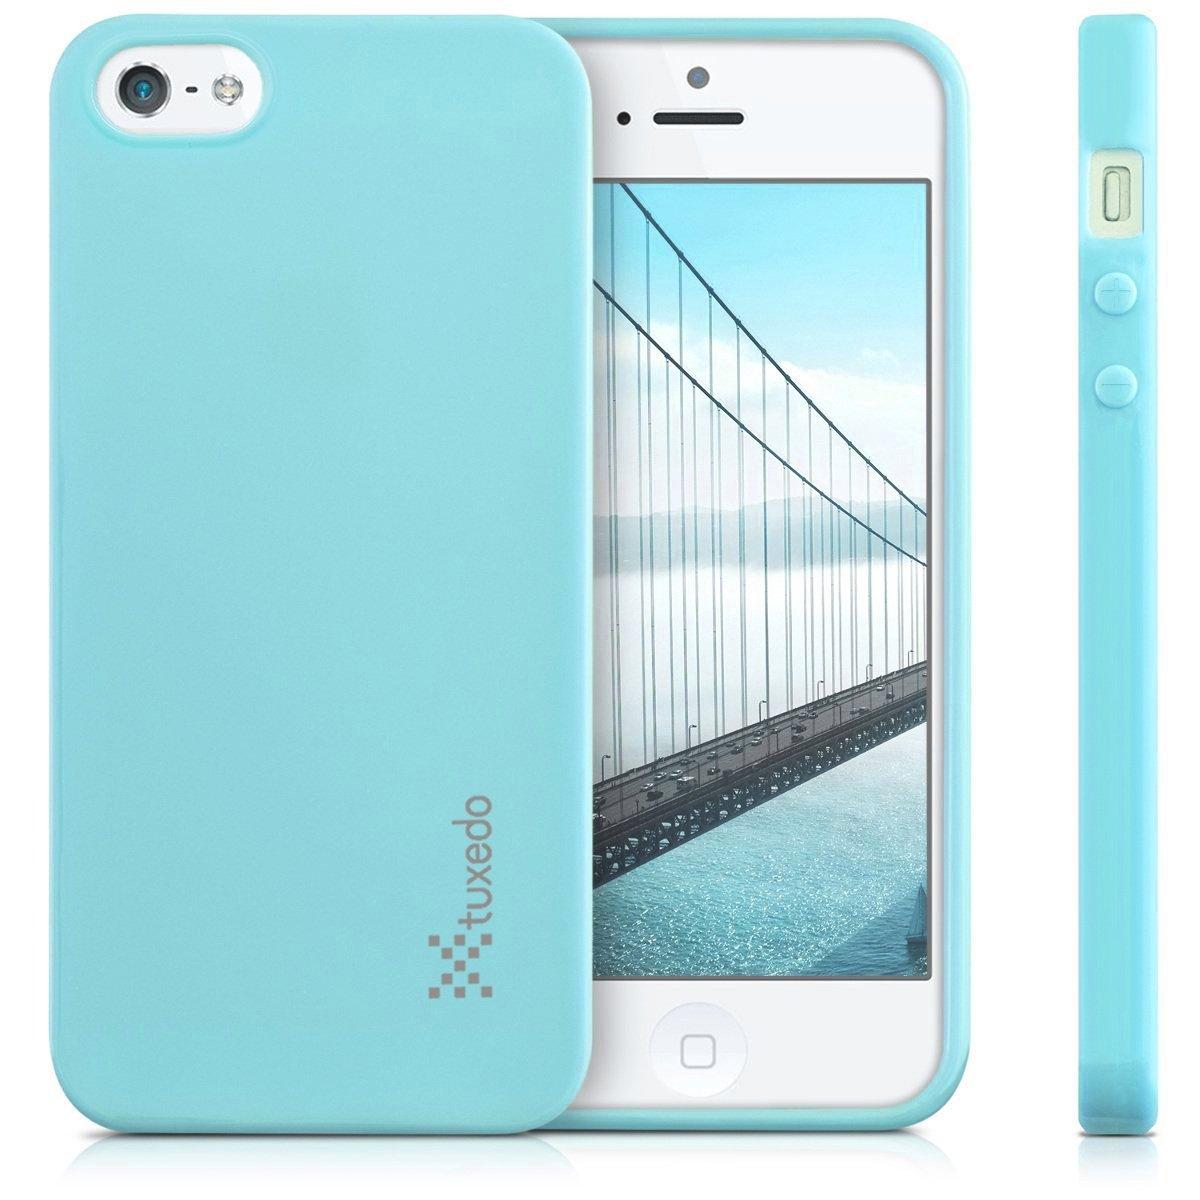 Ốp lưng iPhone SE / iPhone 5/5s, Tuxedo Frosted (Nhựa dẻo cao cấp, siêu mỏng, chống xước)